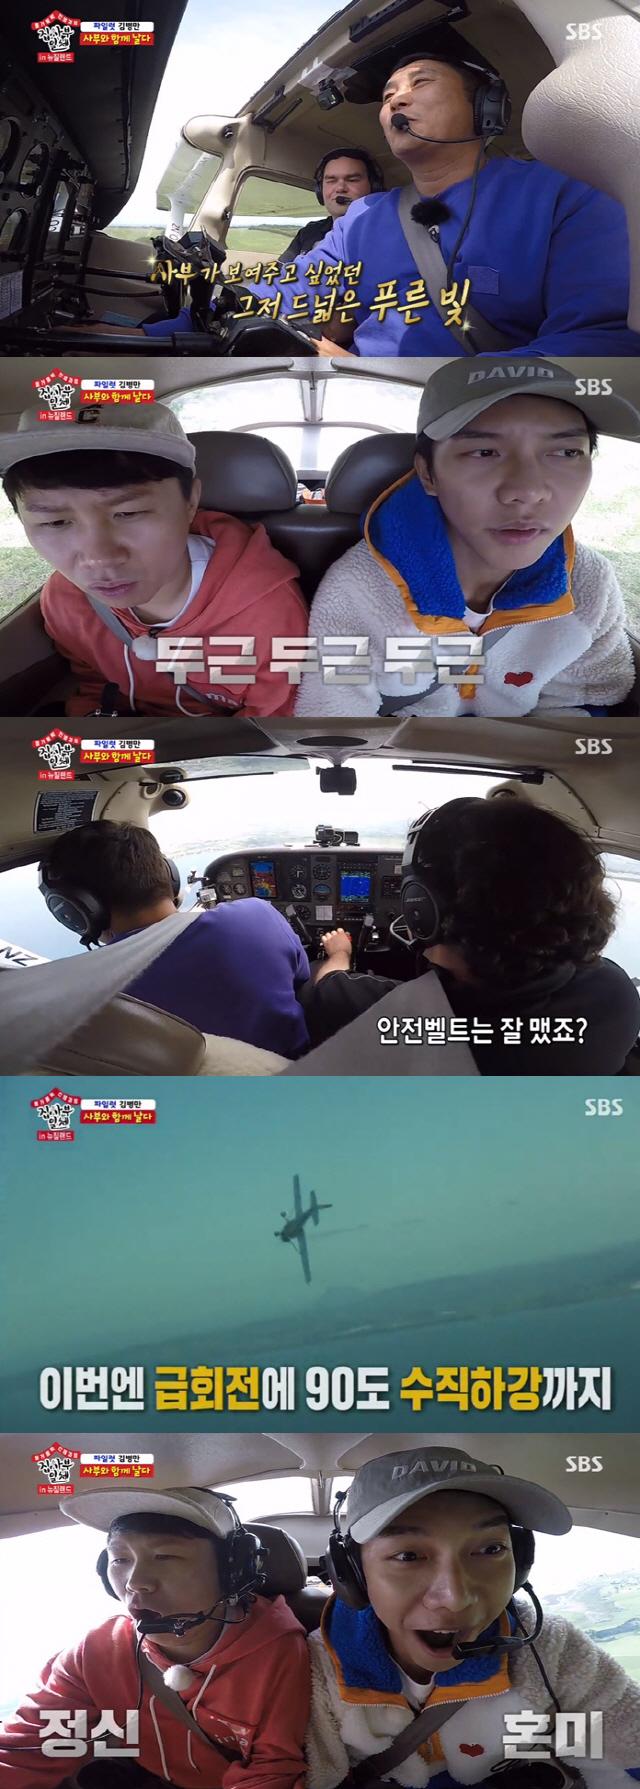 '집사부일체' 김병만, 직접 비행기 몰고 역대급 등장..최고시청률 9.7%